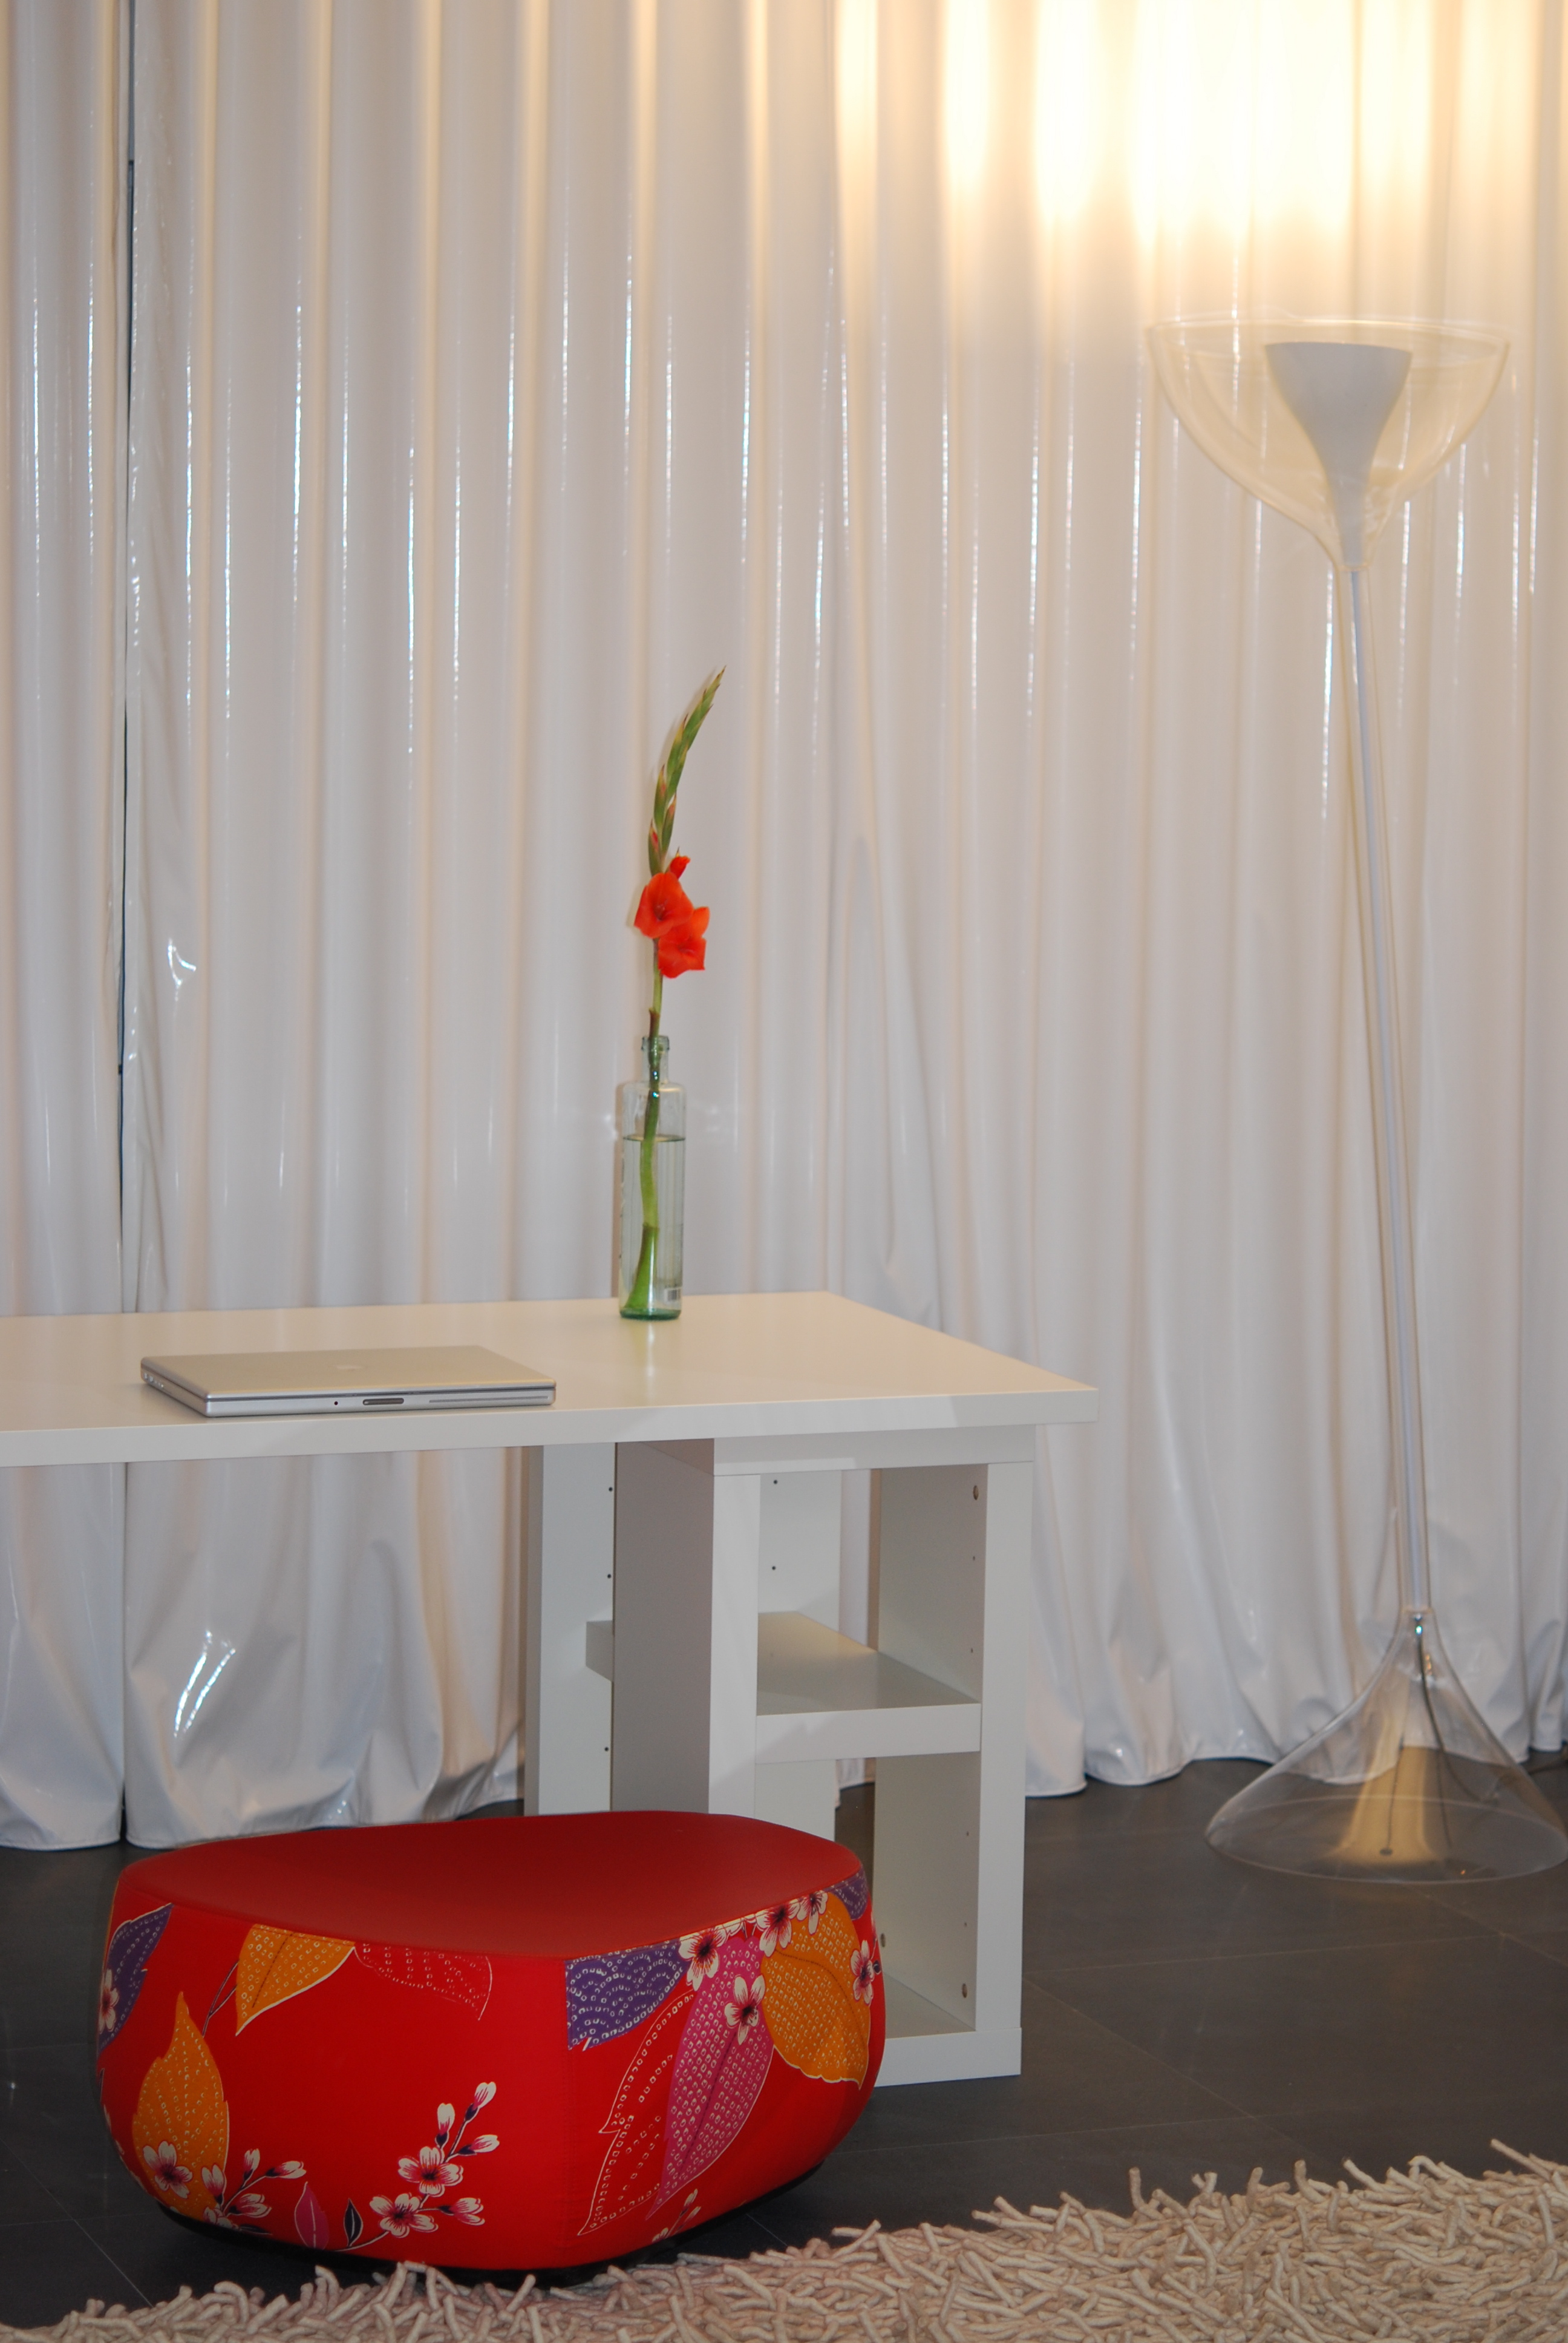 a desk, a chair